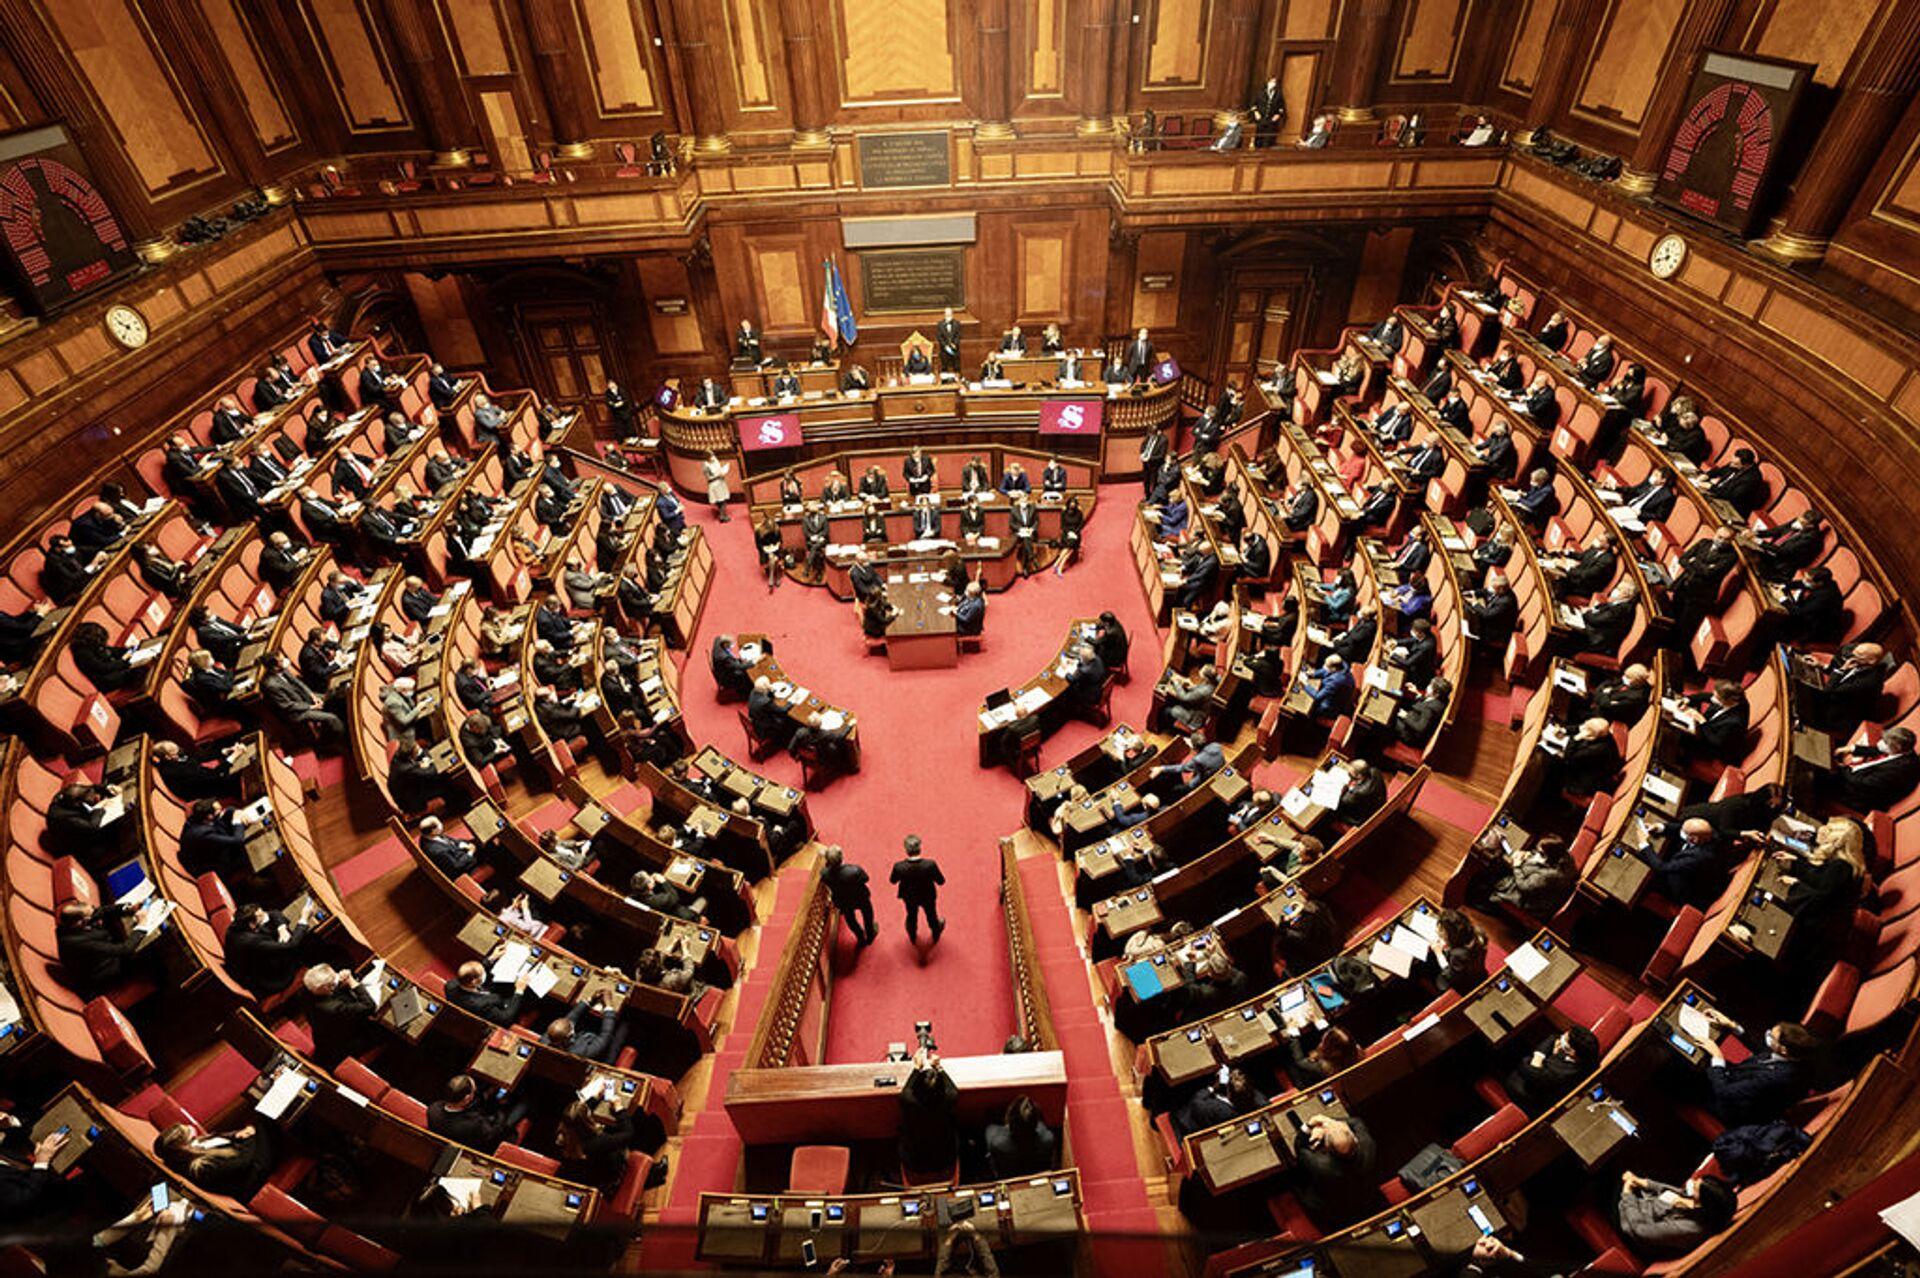 Sondaggi politici, PD vola e recupera il consenso perduto, male la Lega - Sputnik Italia, 1920, 23.03.2021